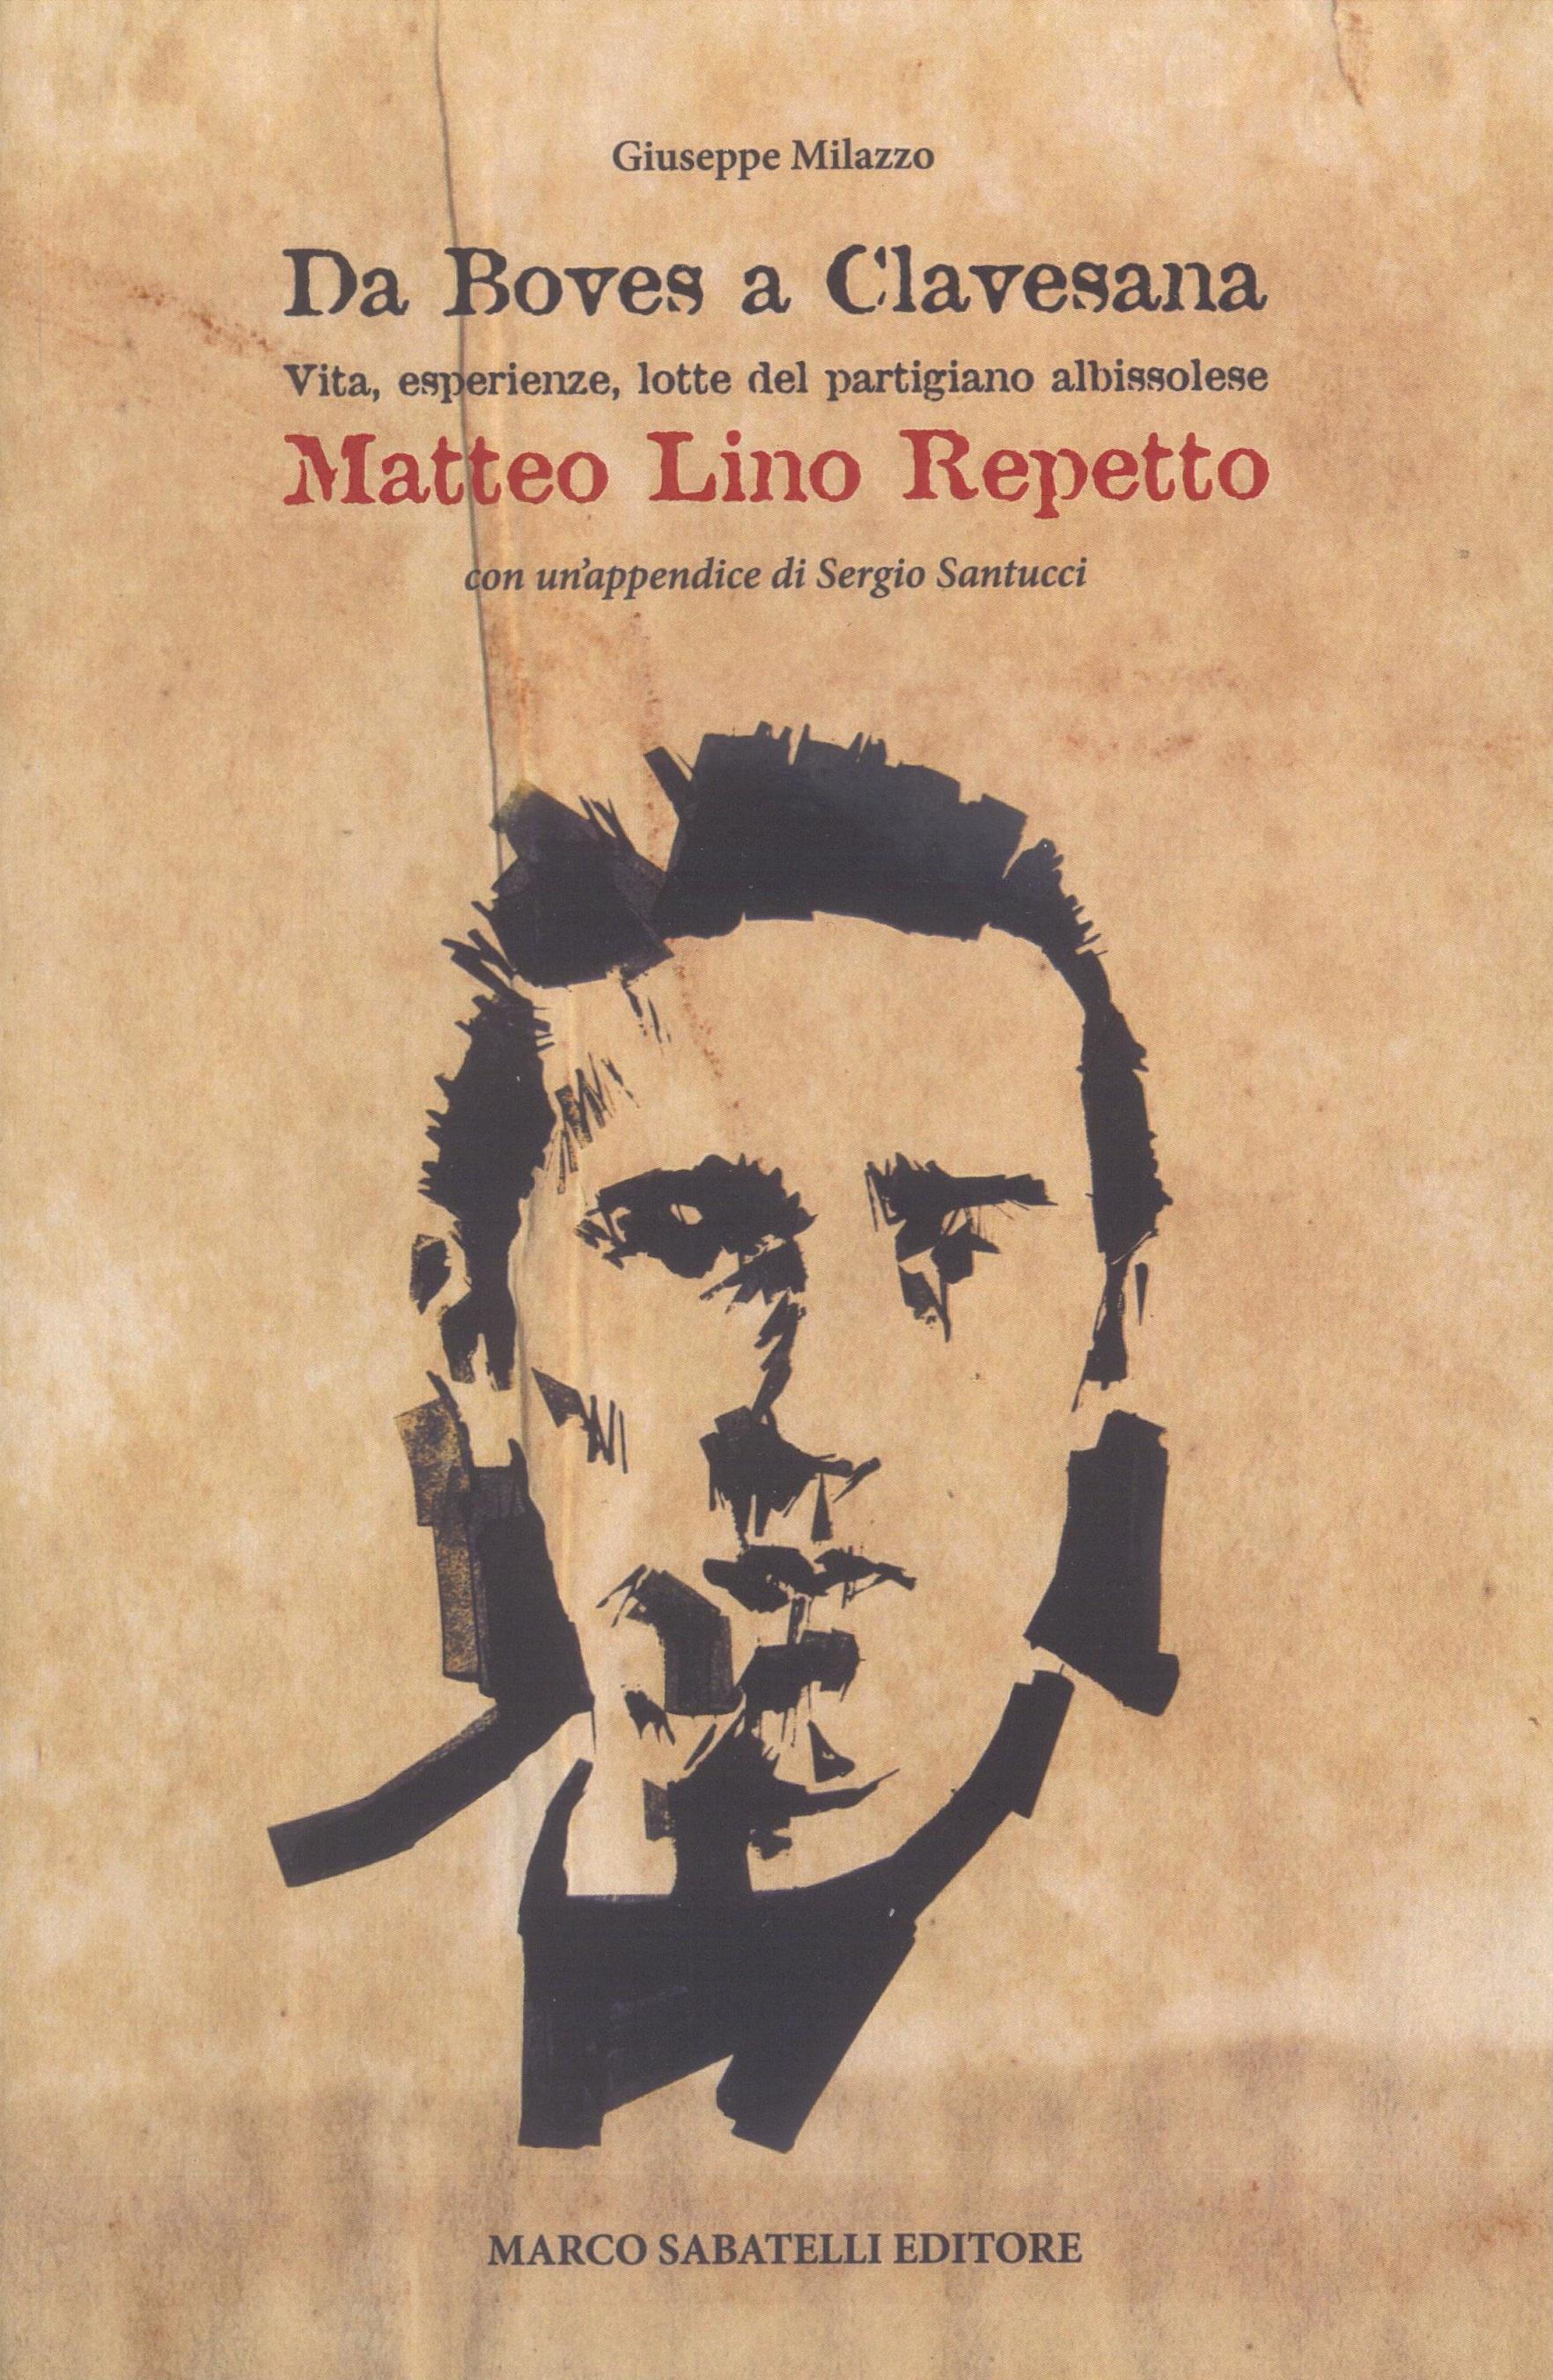 Da Boves a Clavesana - Vita, esperienze, lotte del partigiano albissolese Matteo Lino Repetto